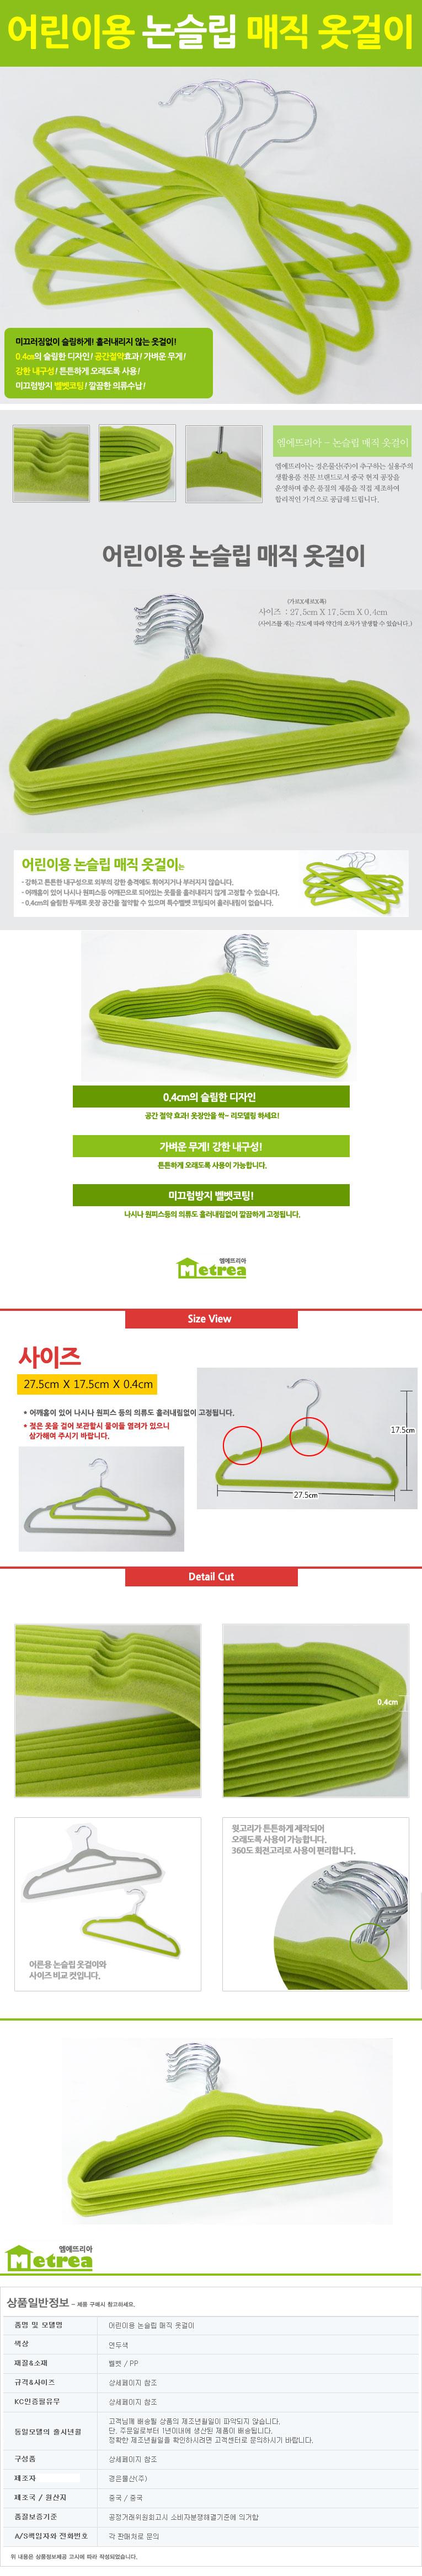 어린이 논슬립 매직 옷걸이 10개 - 생활통, 4,000원, 가구, 옷걸이/소품